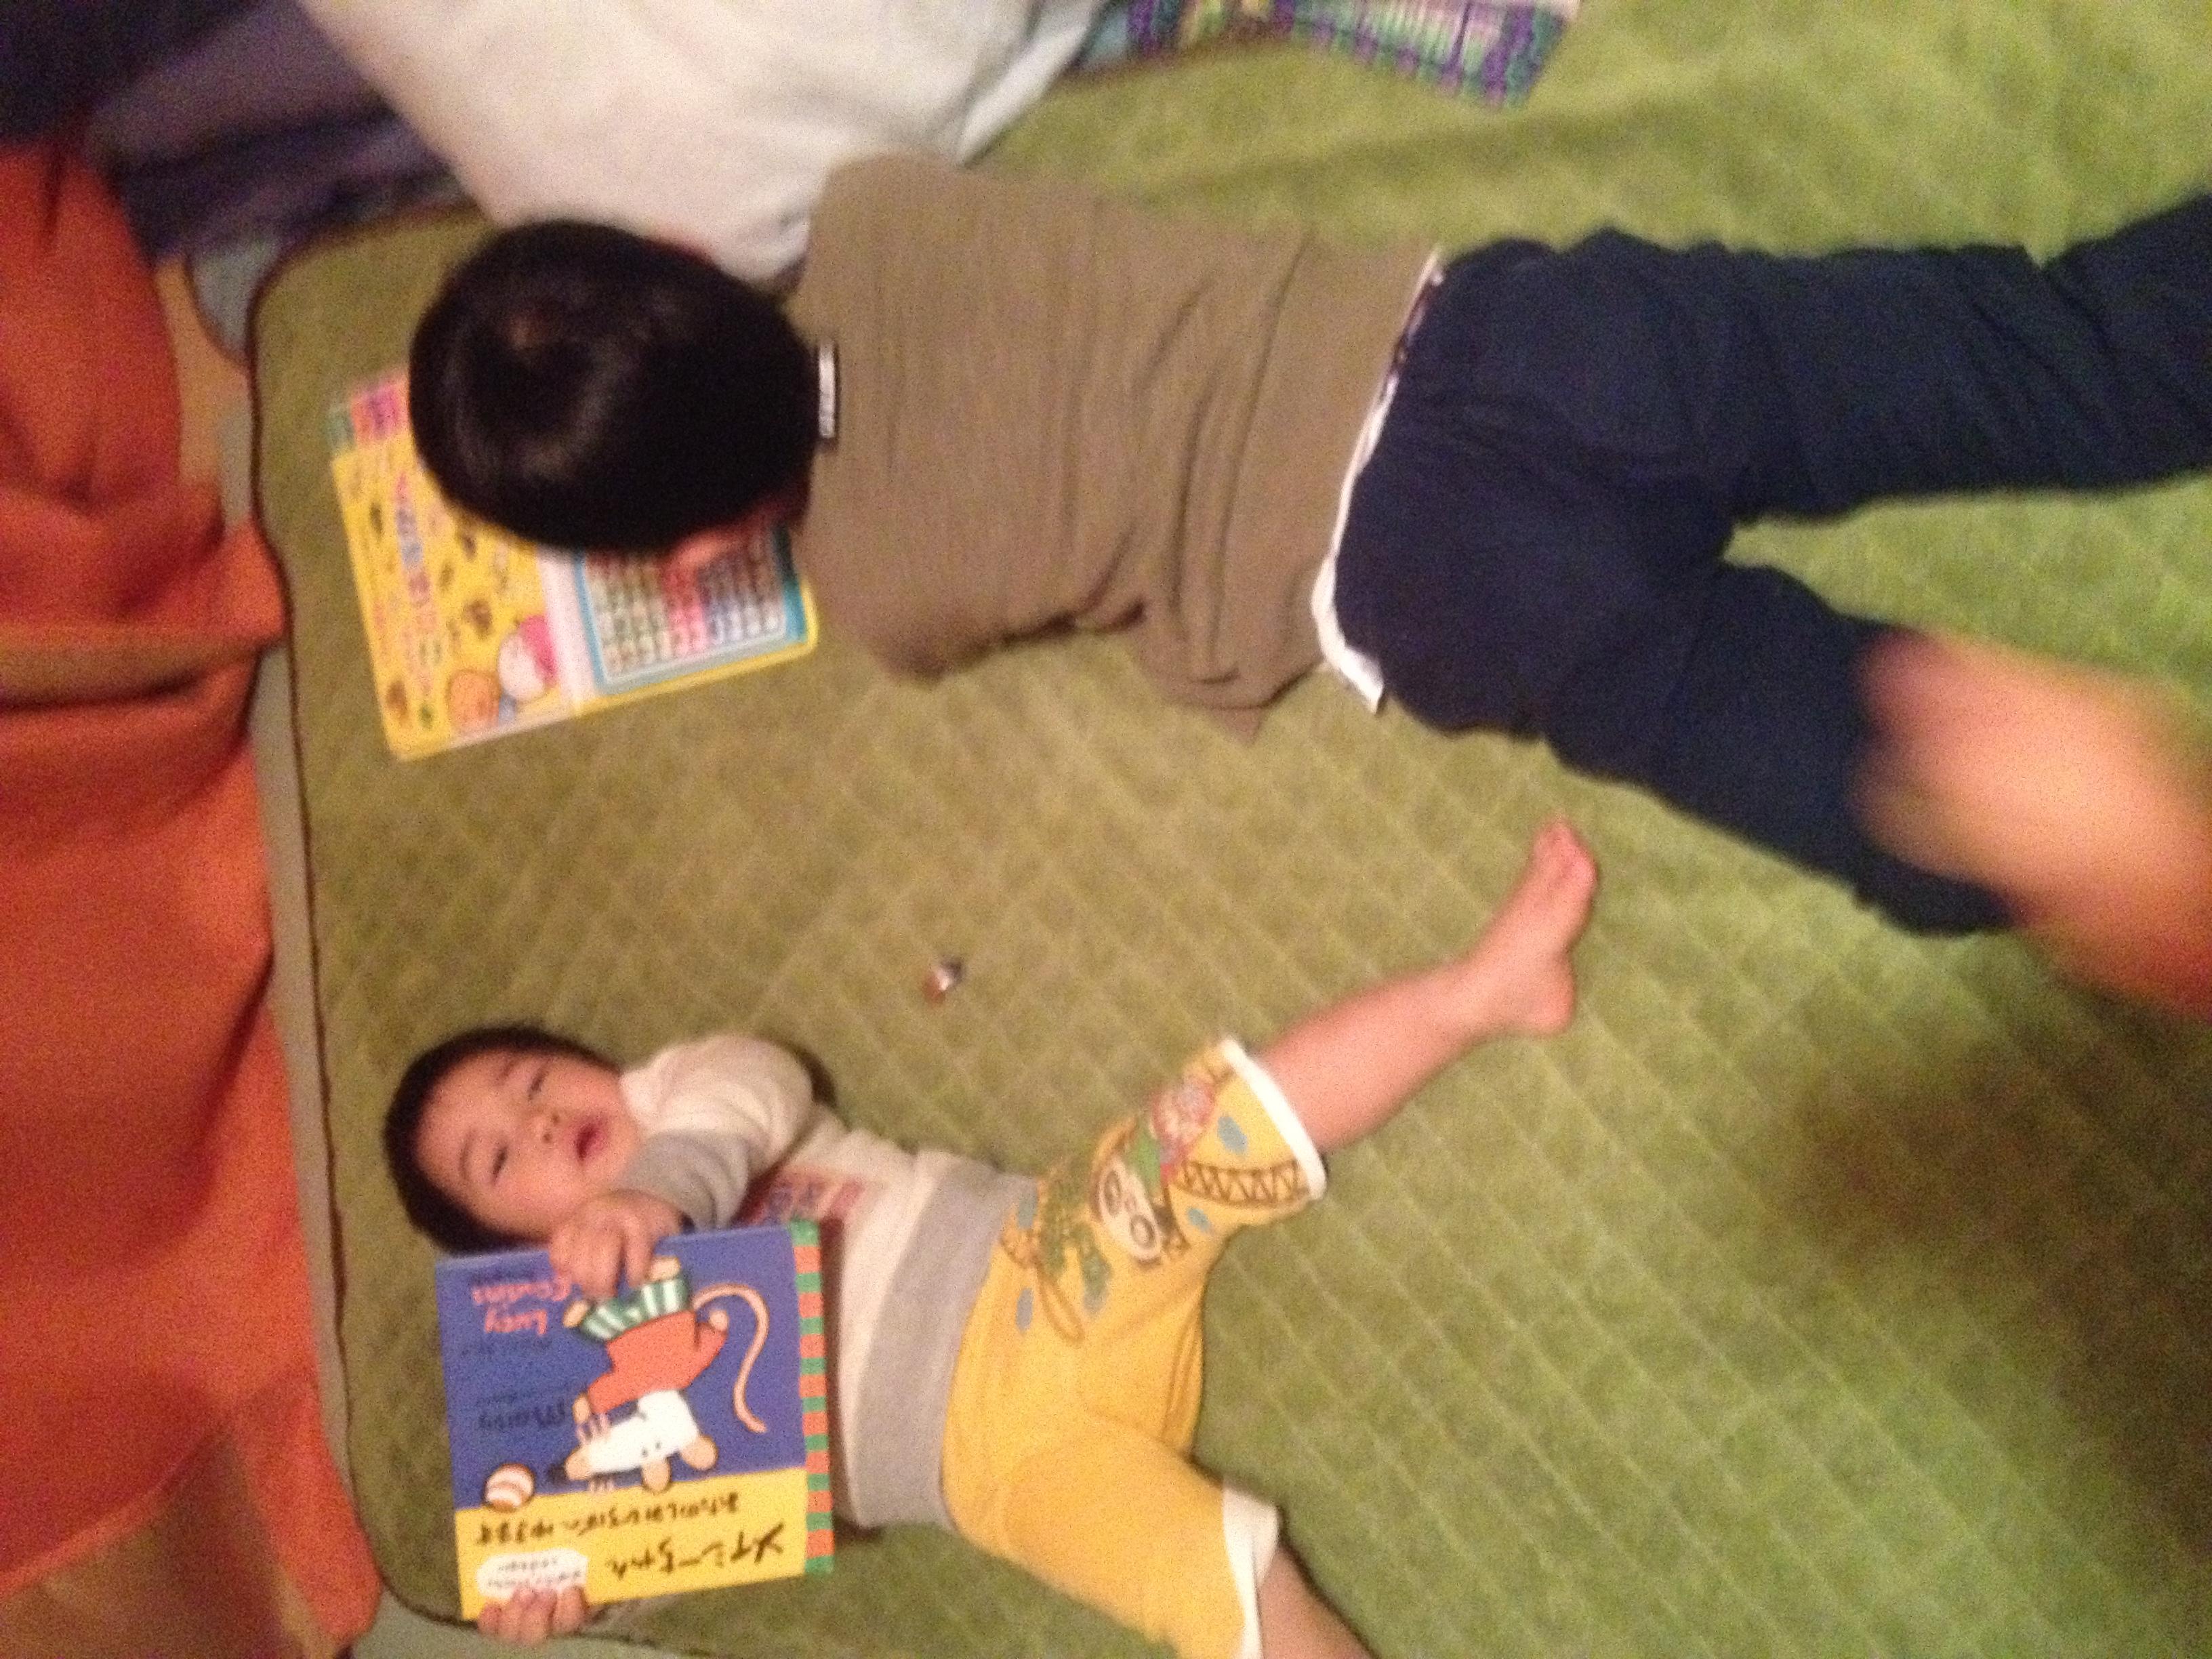 久しぶりに次男と一緒に寝て、学んだこと。